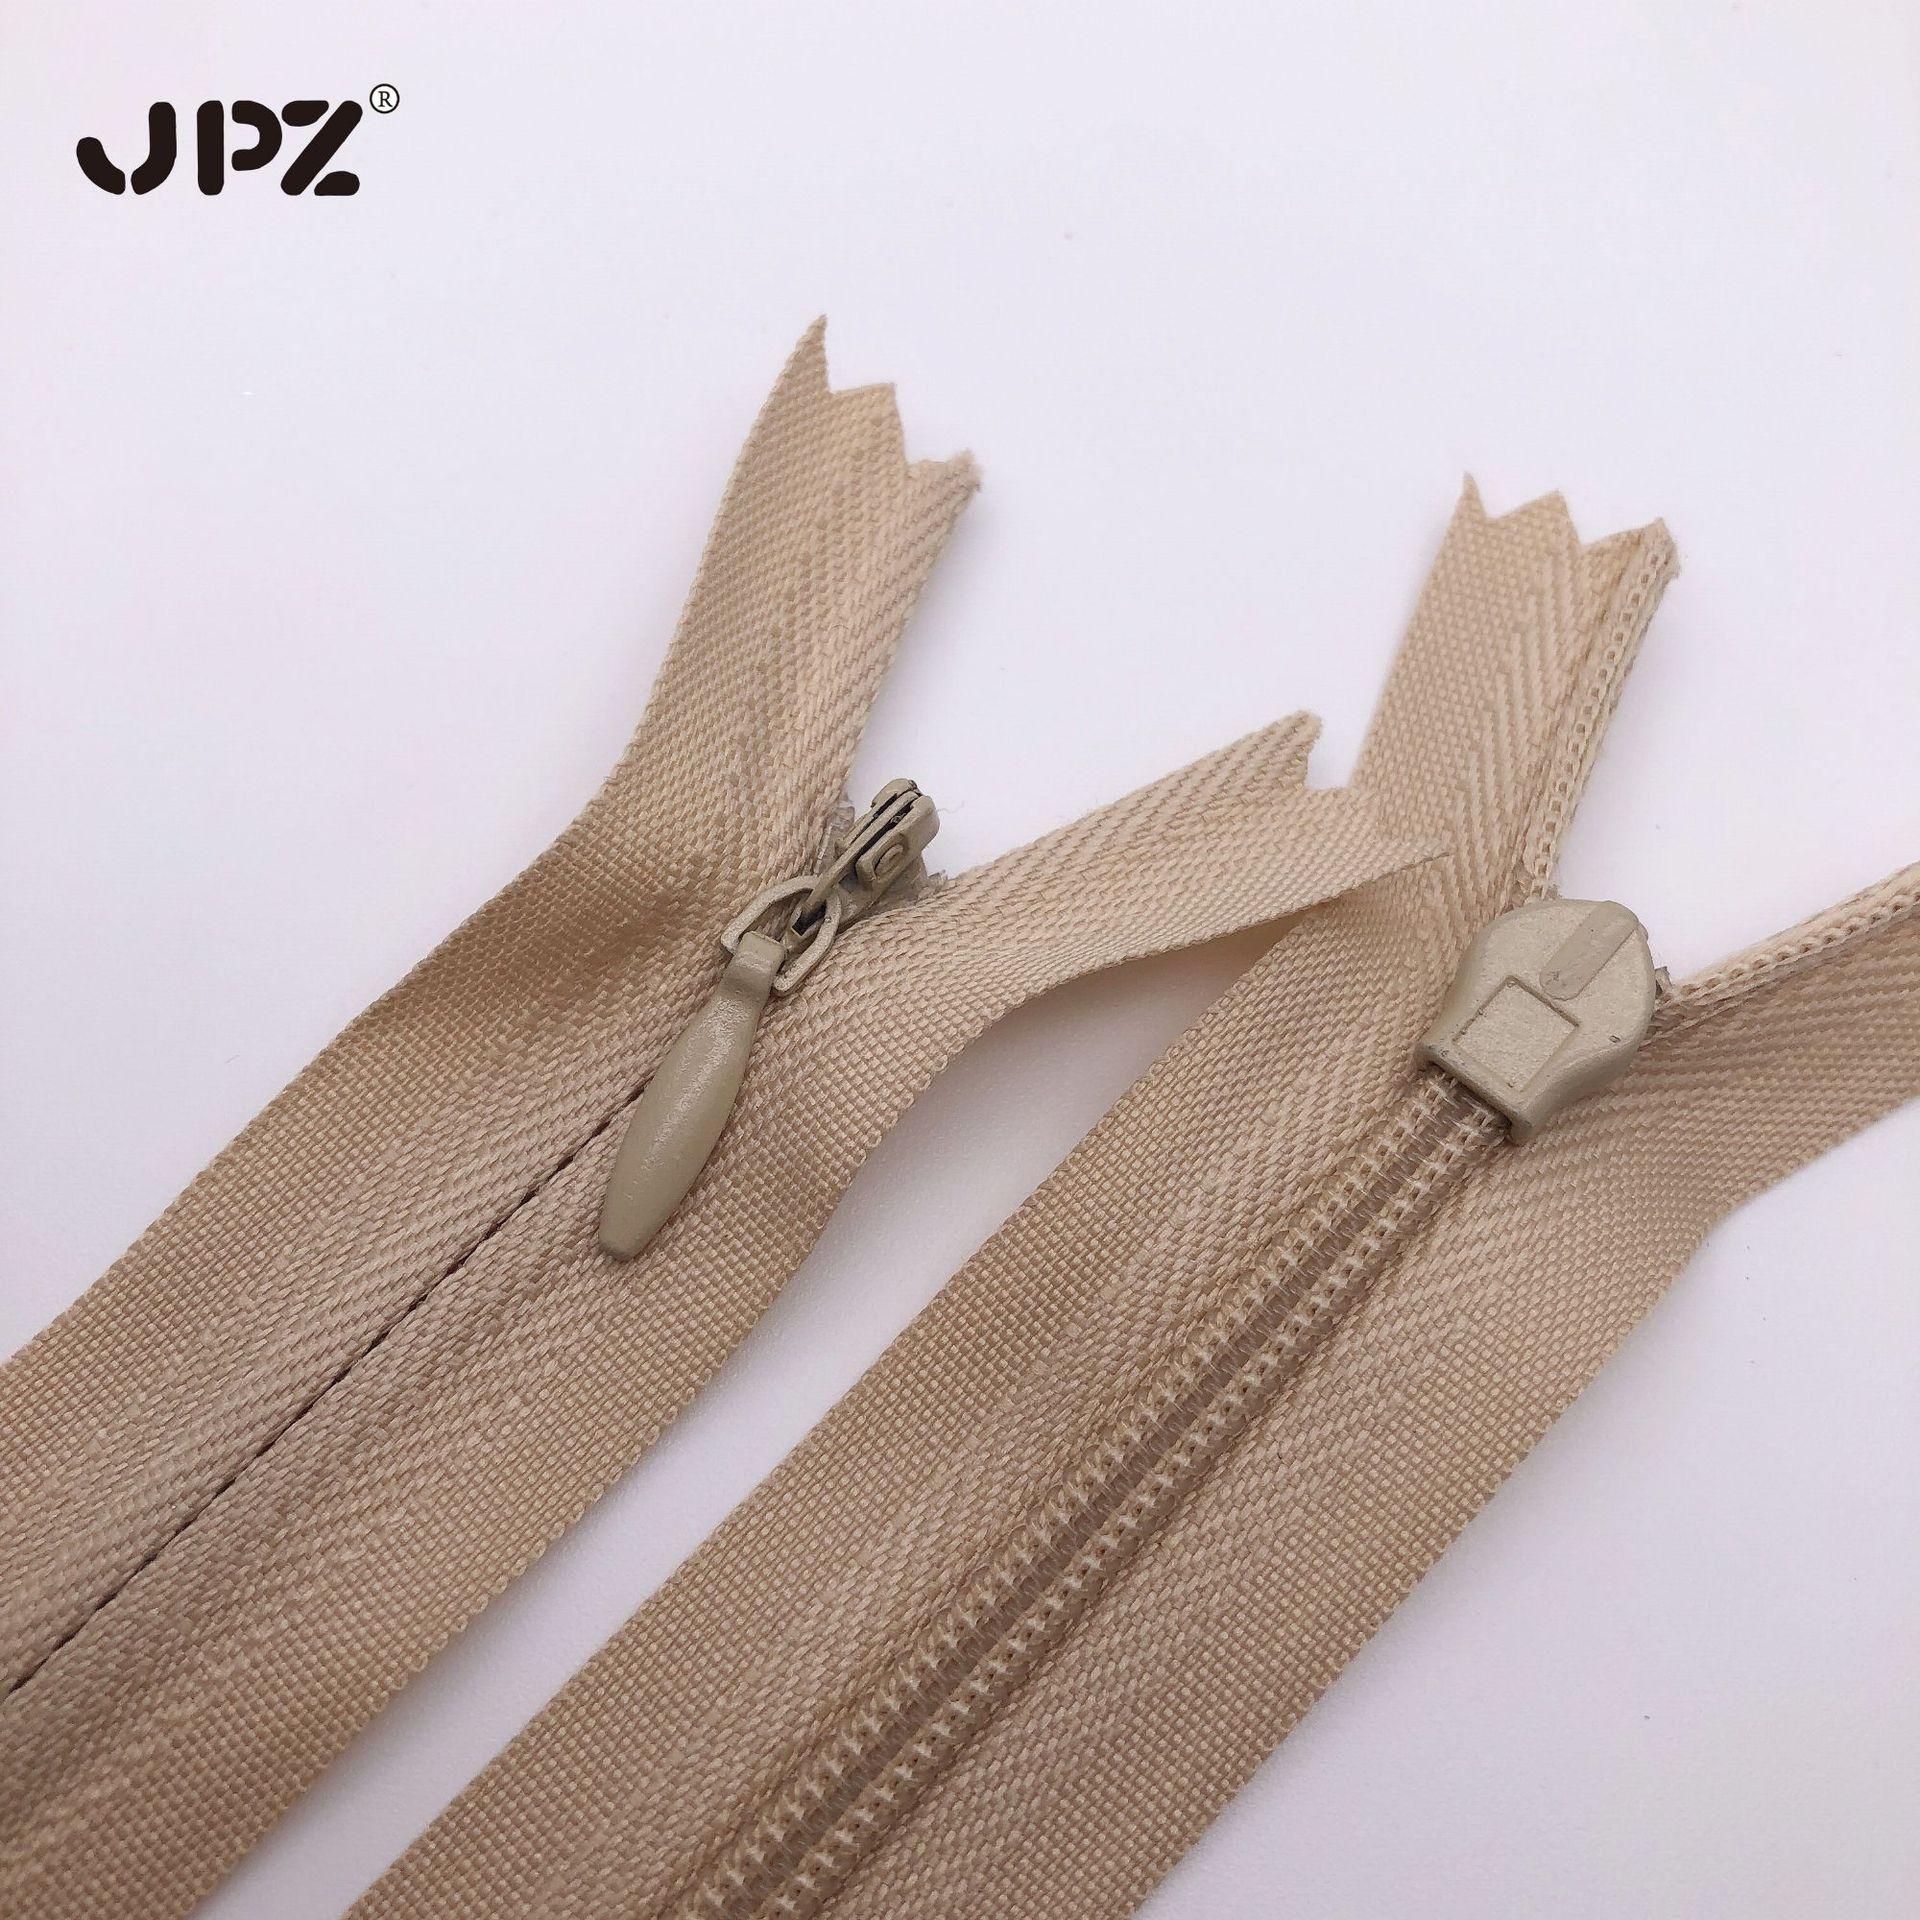 JPZ Dây kéo Nylon Nhà máy bán buôn số 3 cạnh vải dây kéo vô hình nylon ren tại chỗ gối gối dây kéo c